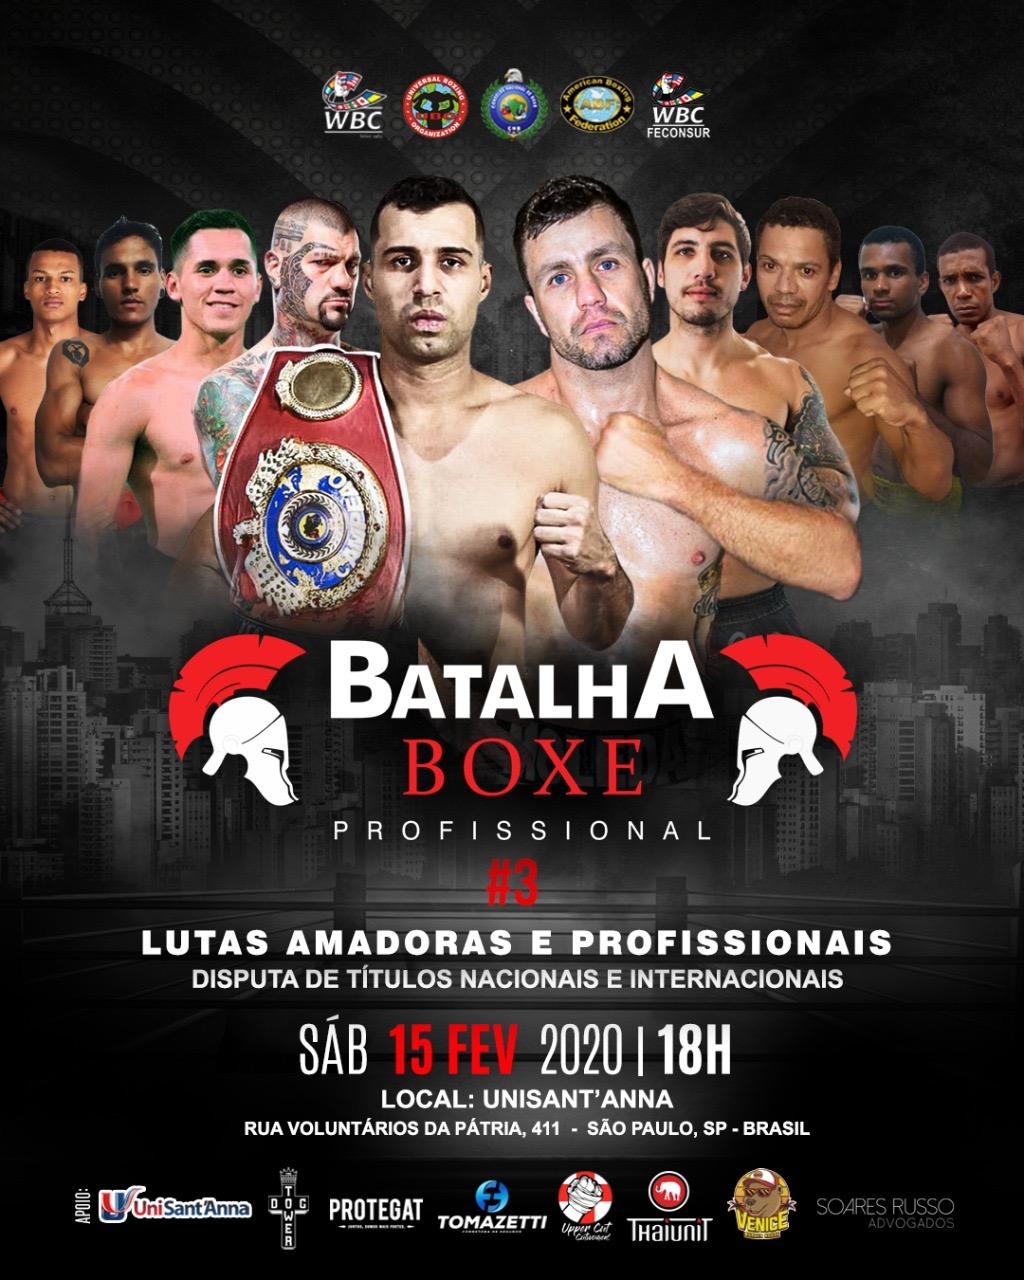 Batalha Boxe Profissional tem disputa de títulos nacionais e internacionais no dia 15 em São Paulo